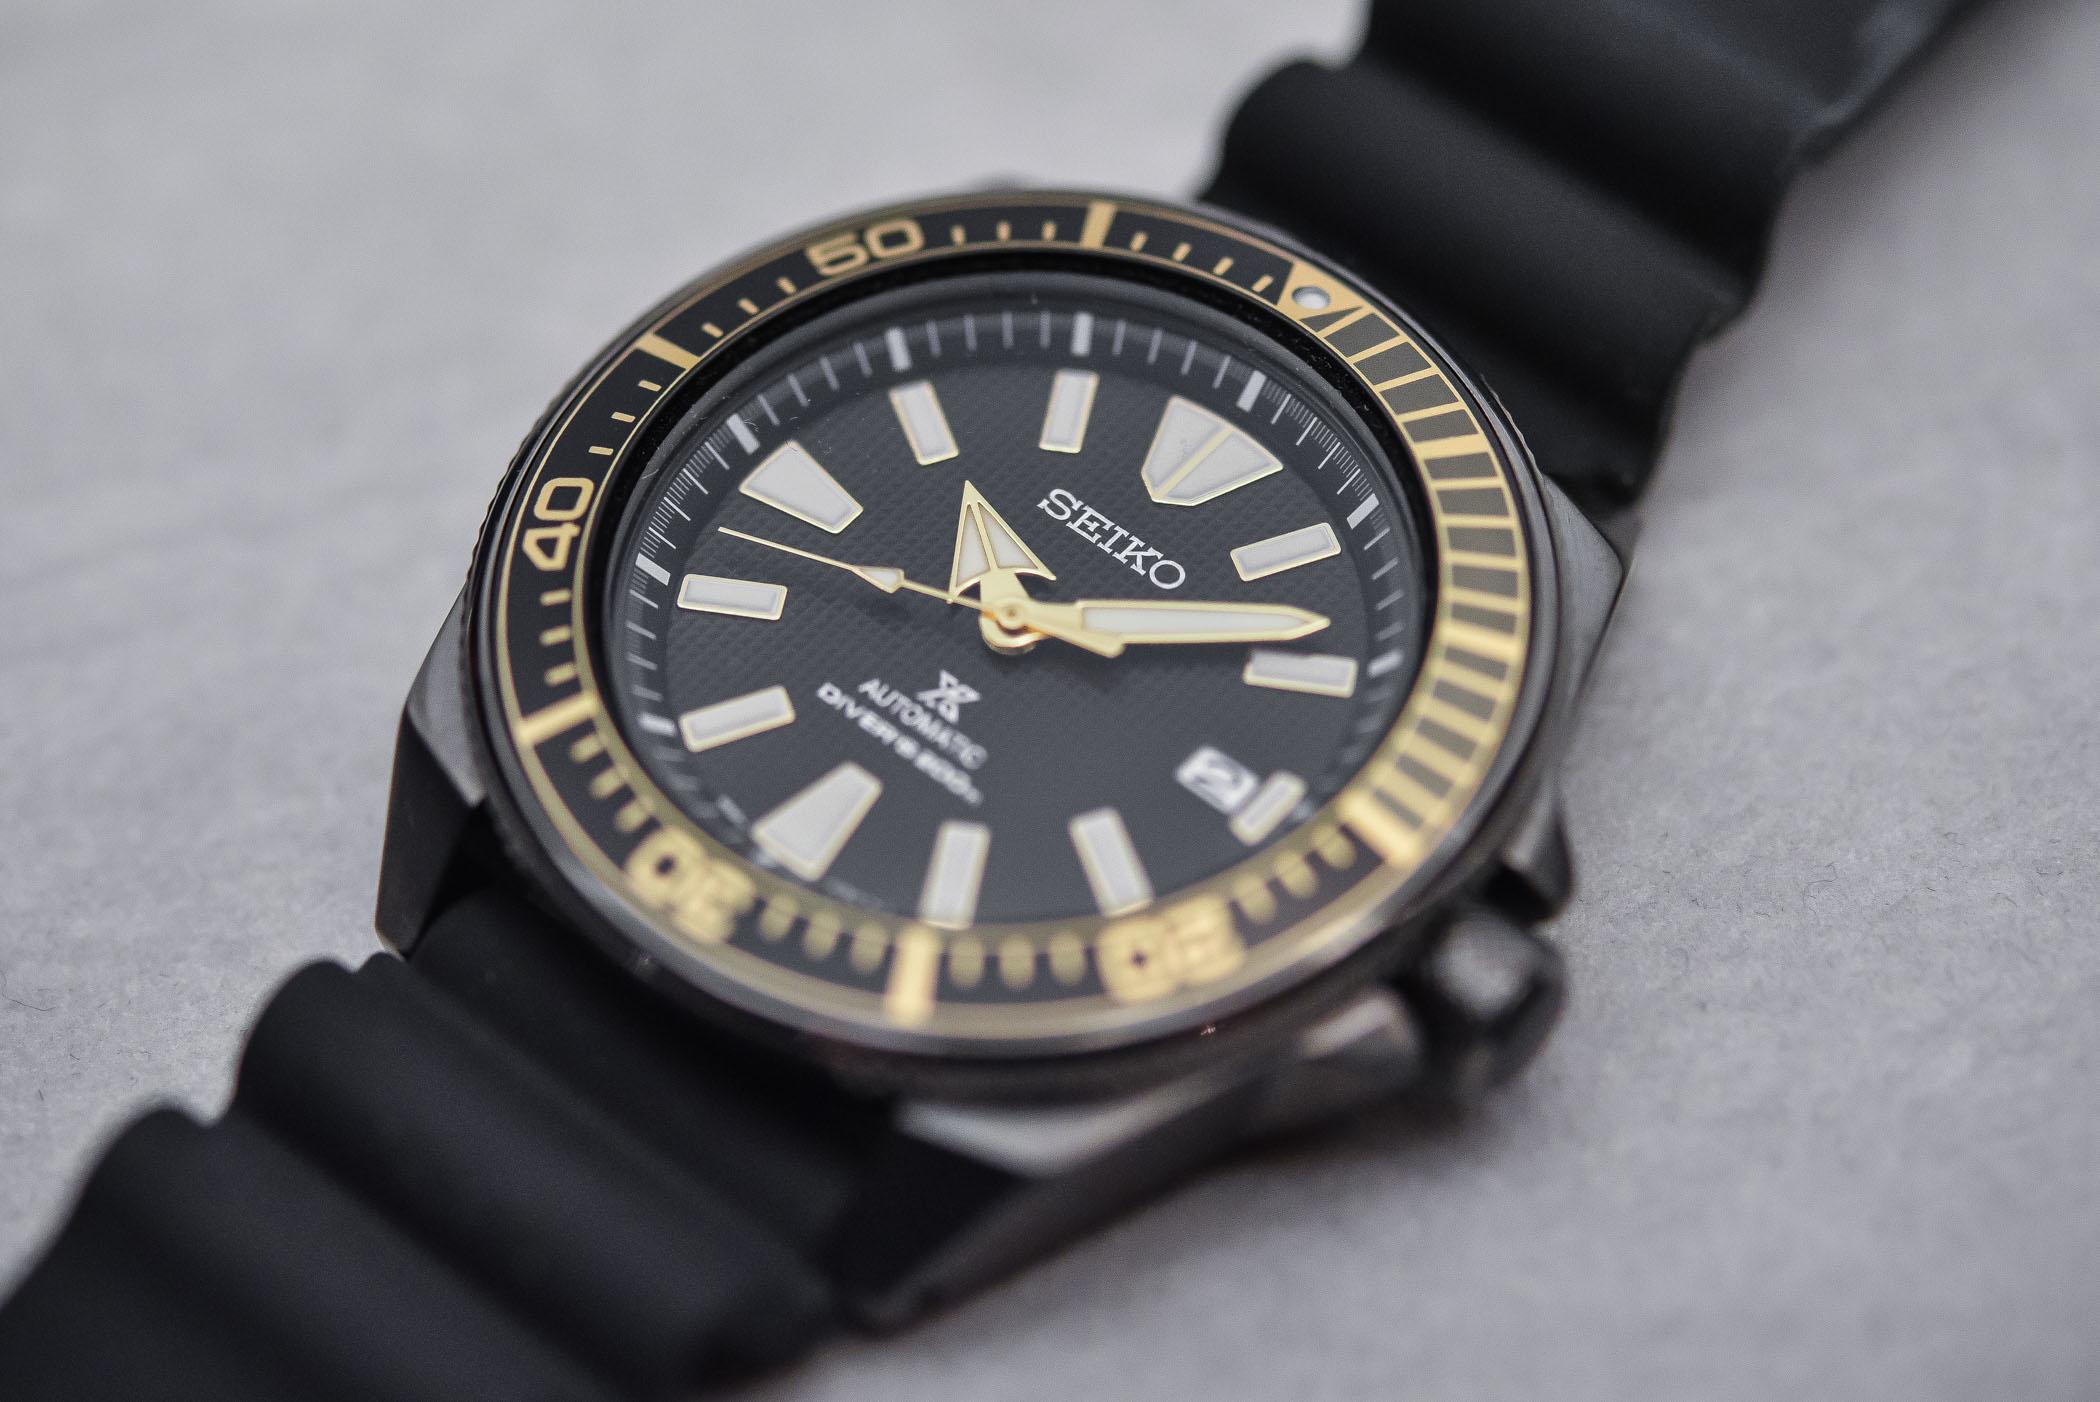 Seiko Prospex Samurai Diver - SRPB55K1